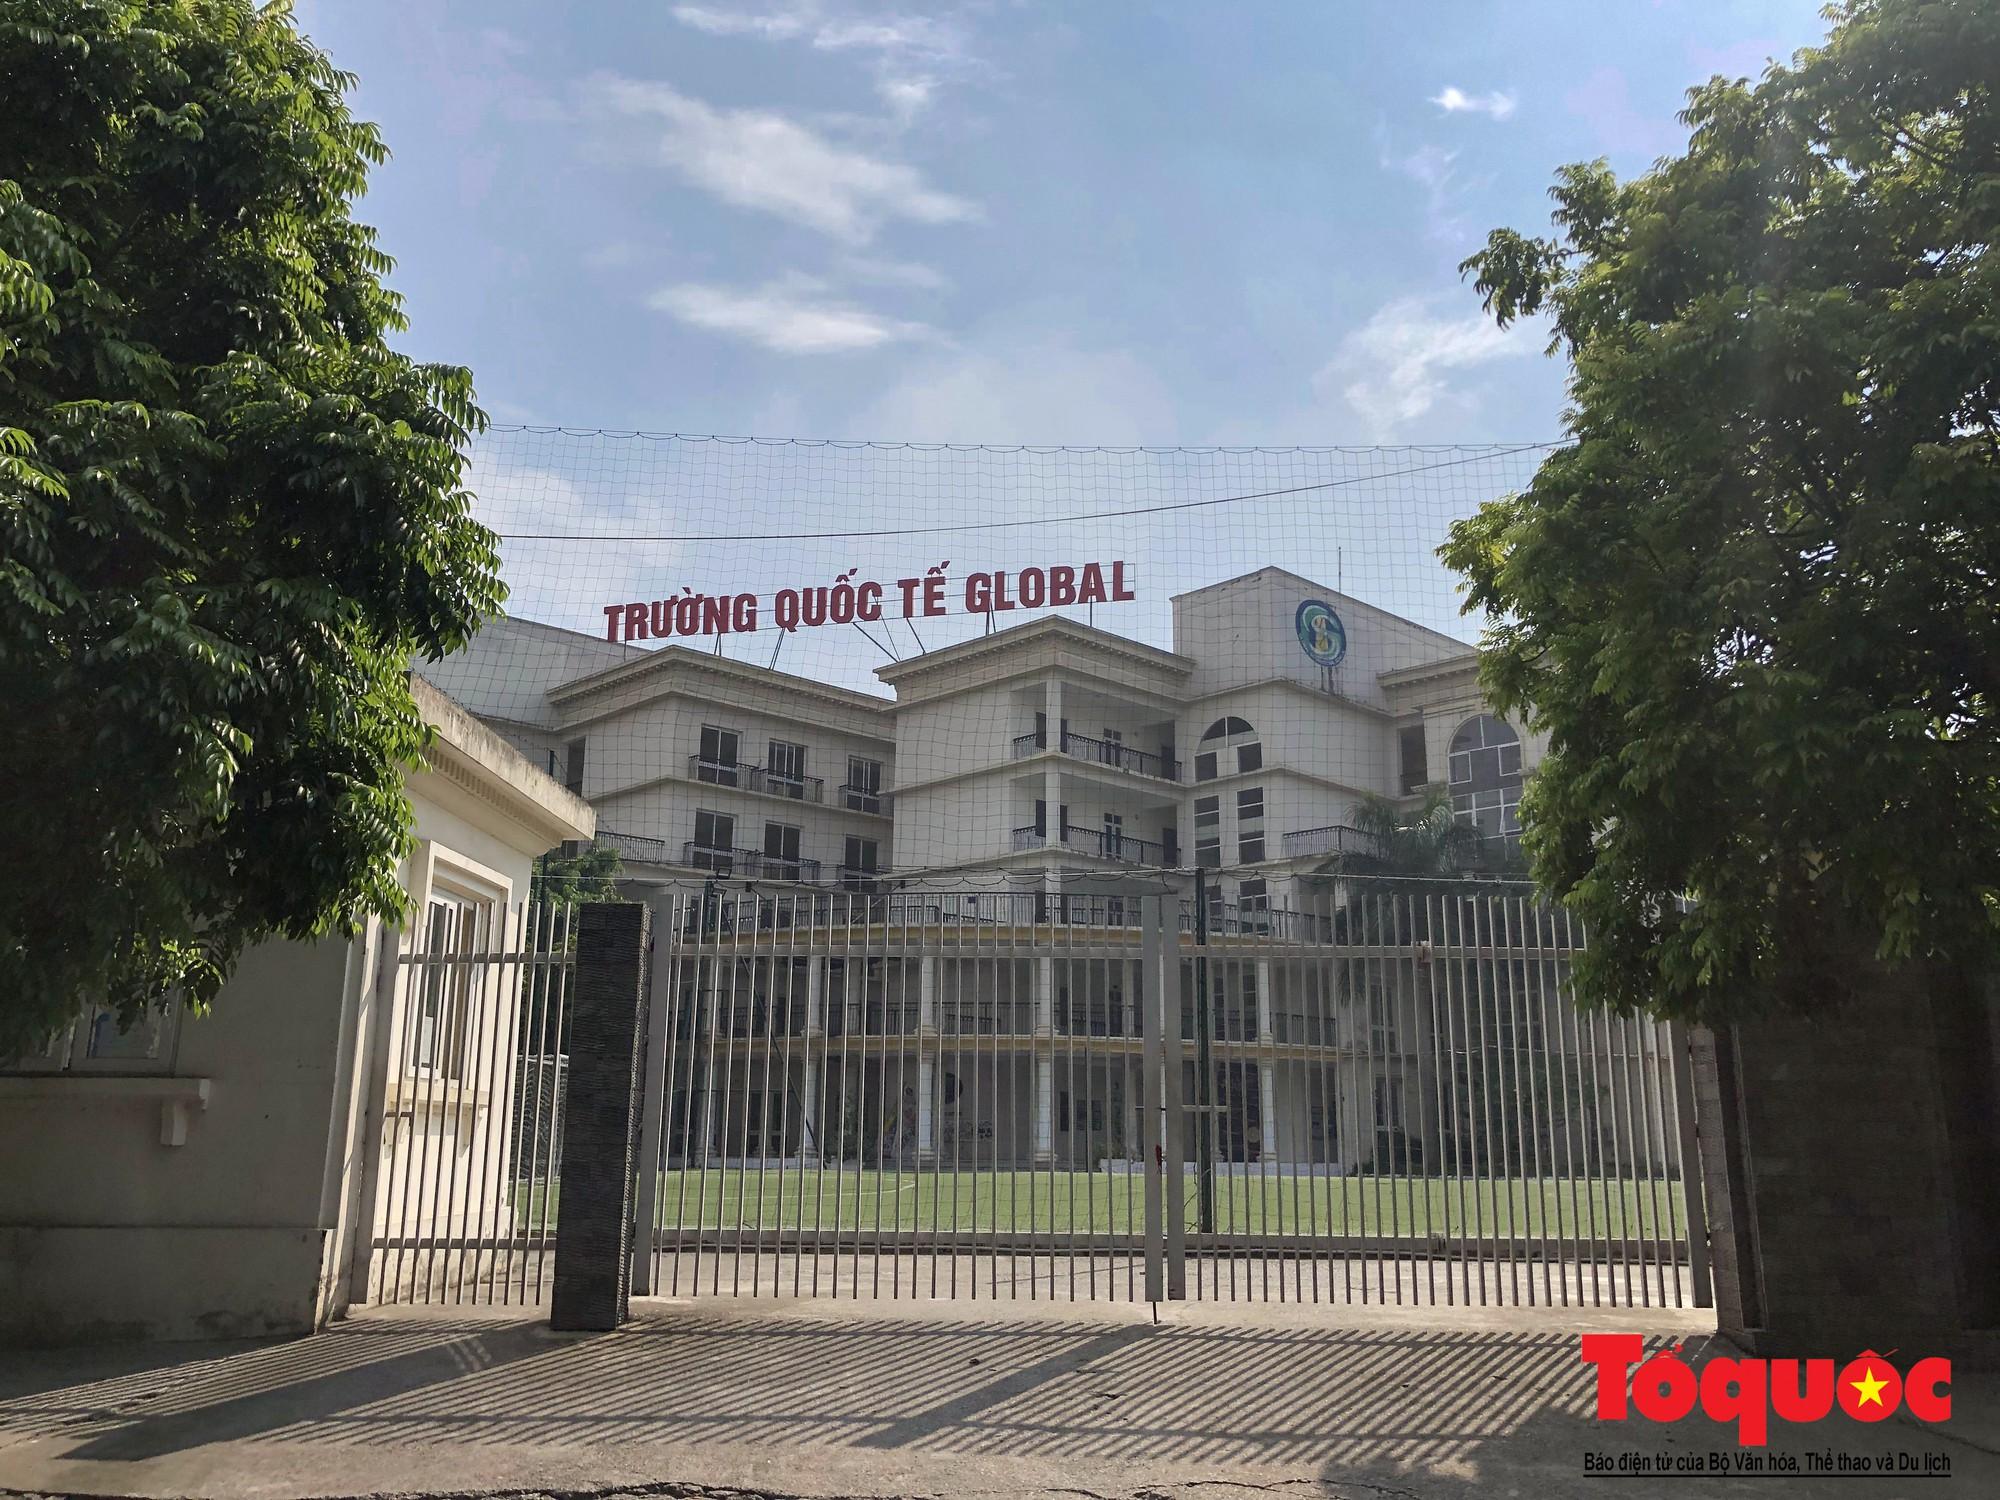 Loạn danh xưng trường quốc tế trên địa bàn quận Cầu Giấy (8)